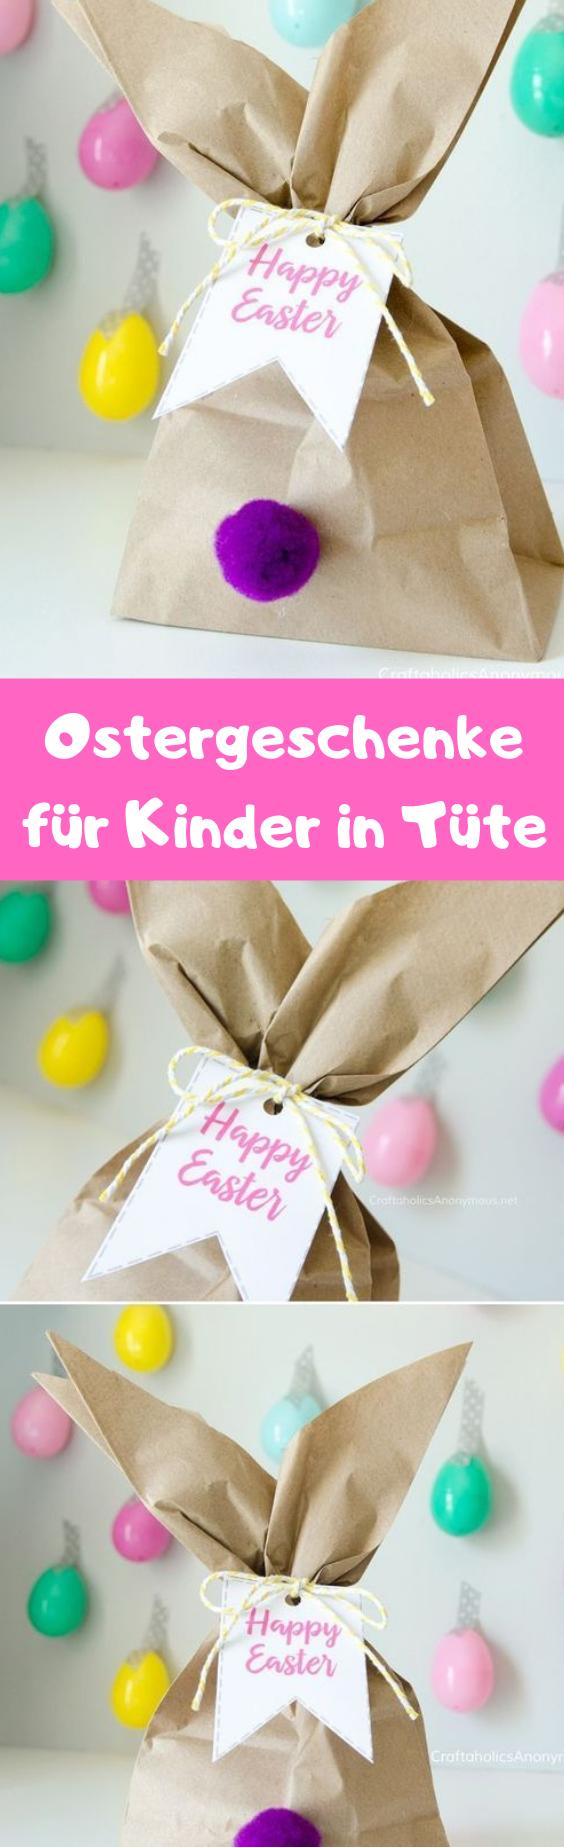 Ostergeschenke für Kinder in Tüte